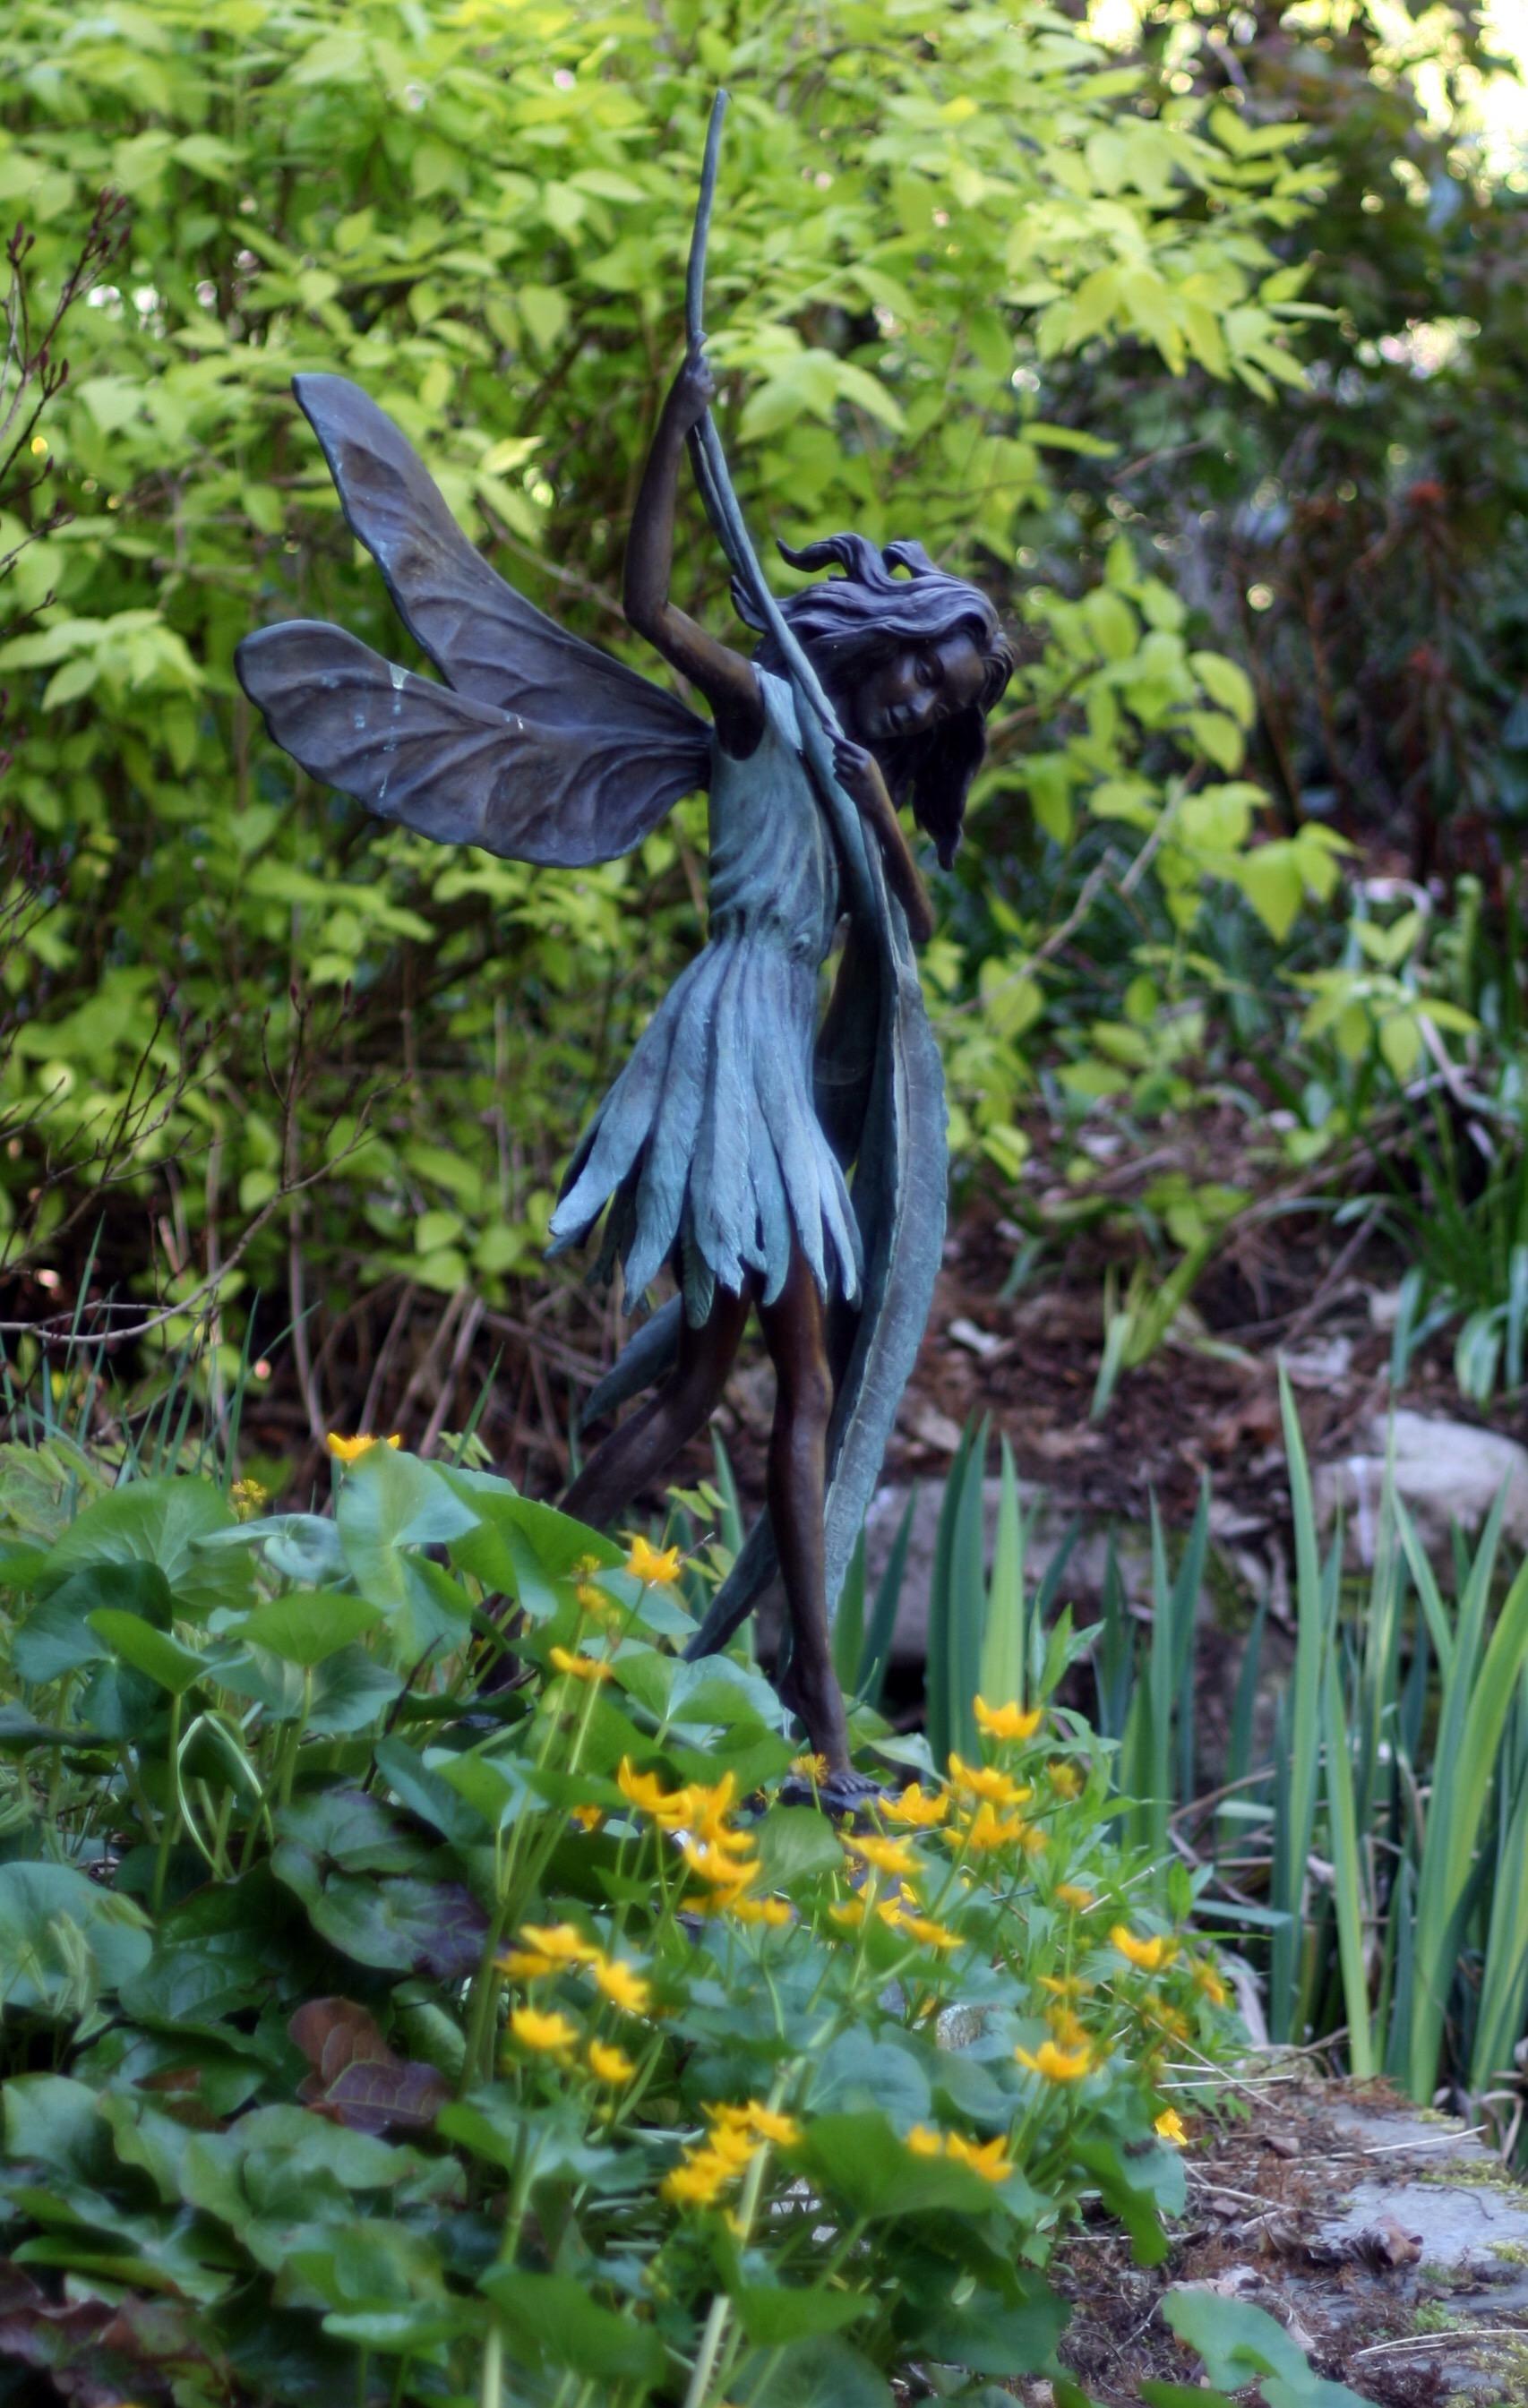 #Acessibilidade Foto de uma escultura em bronze de uma fada em um jardim